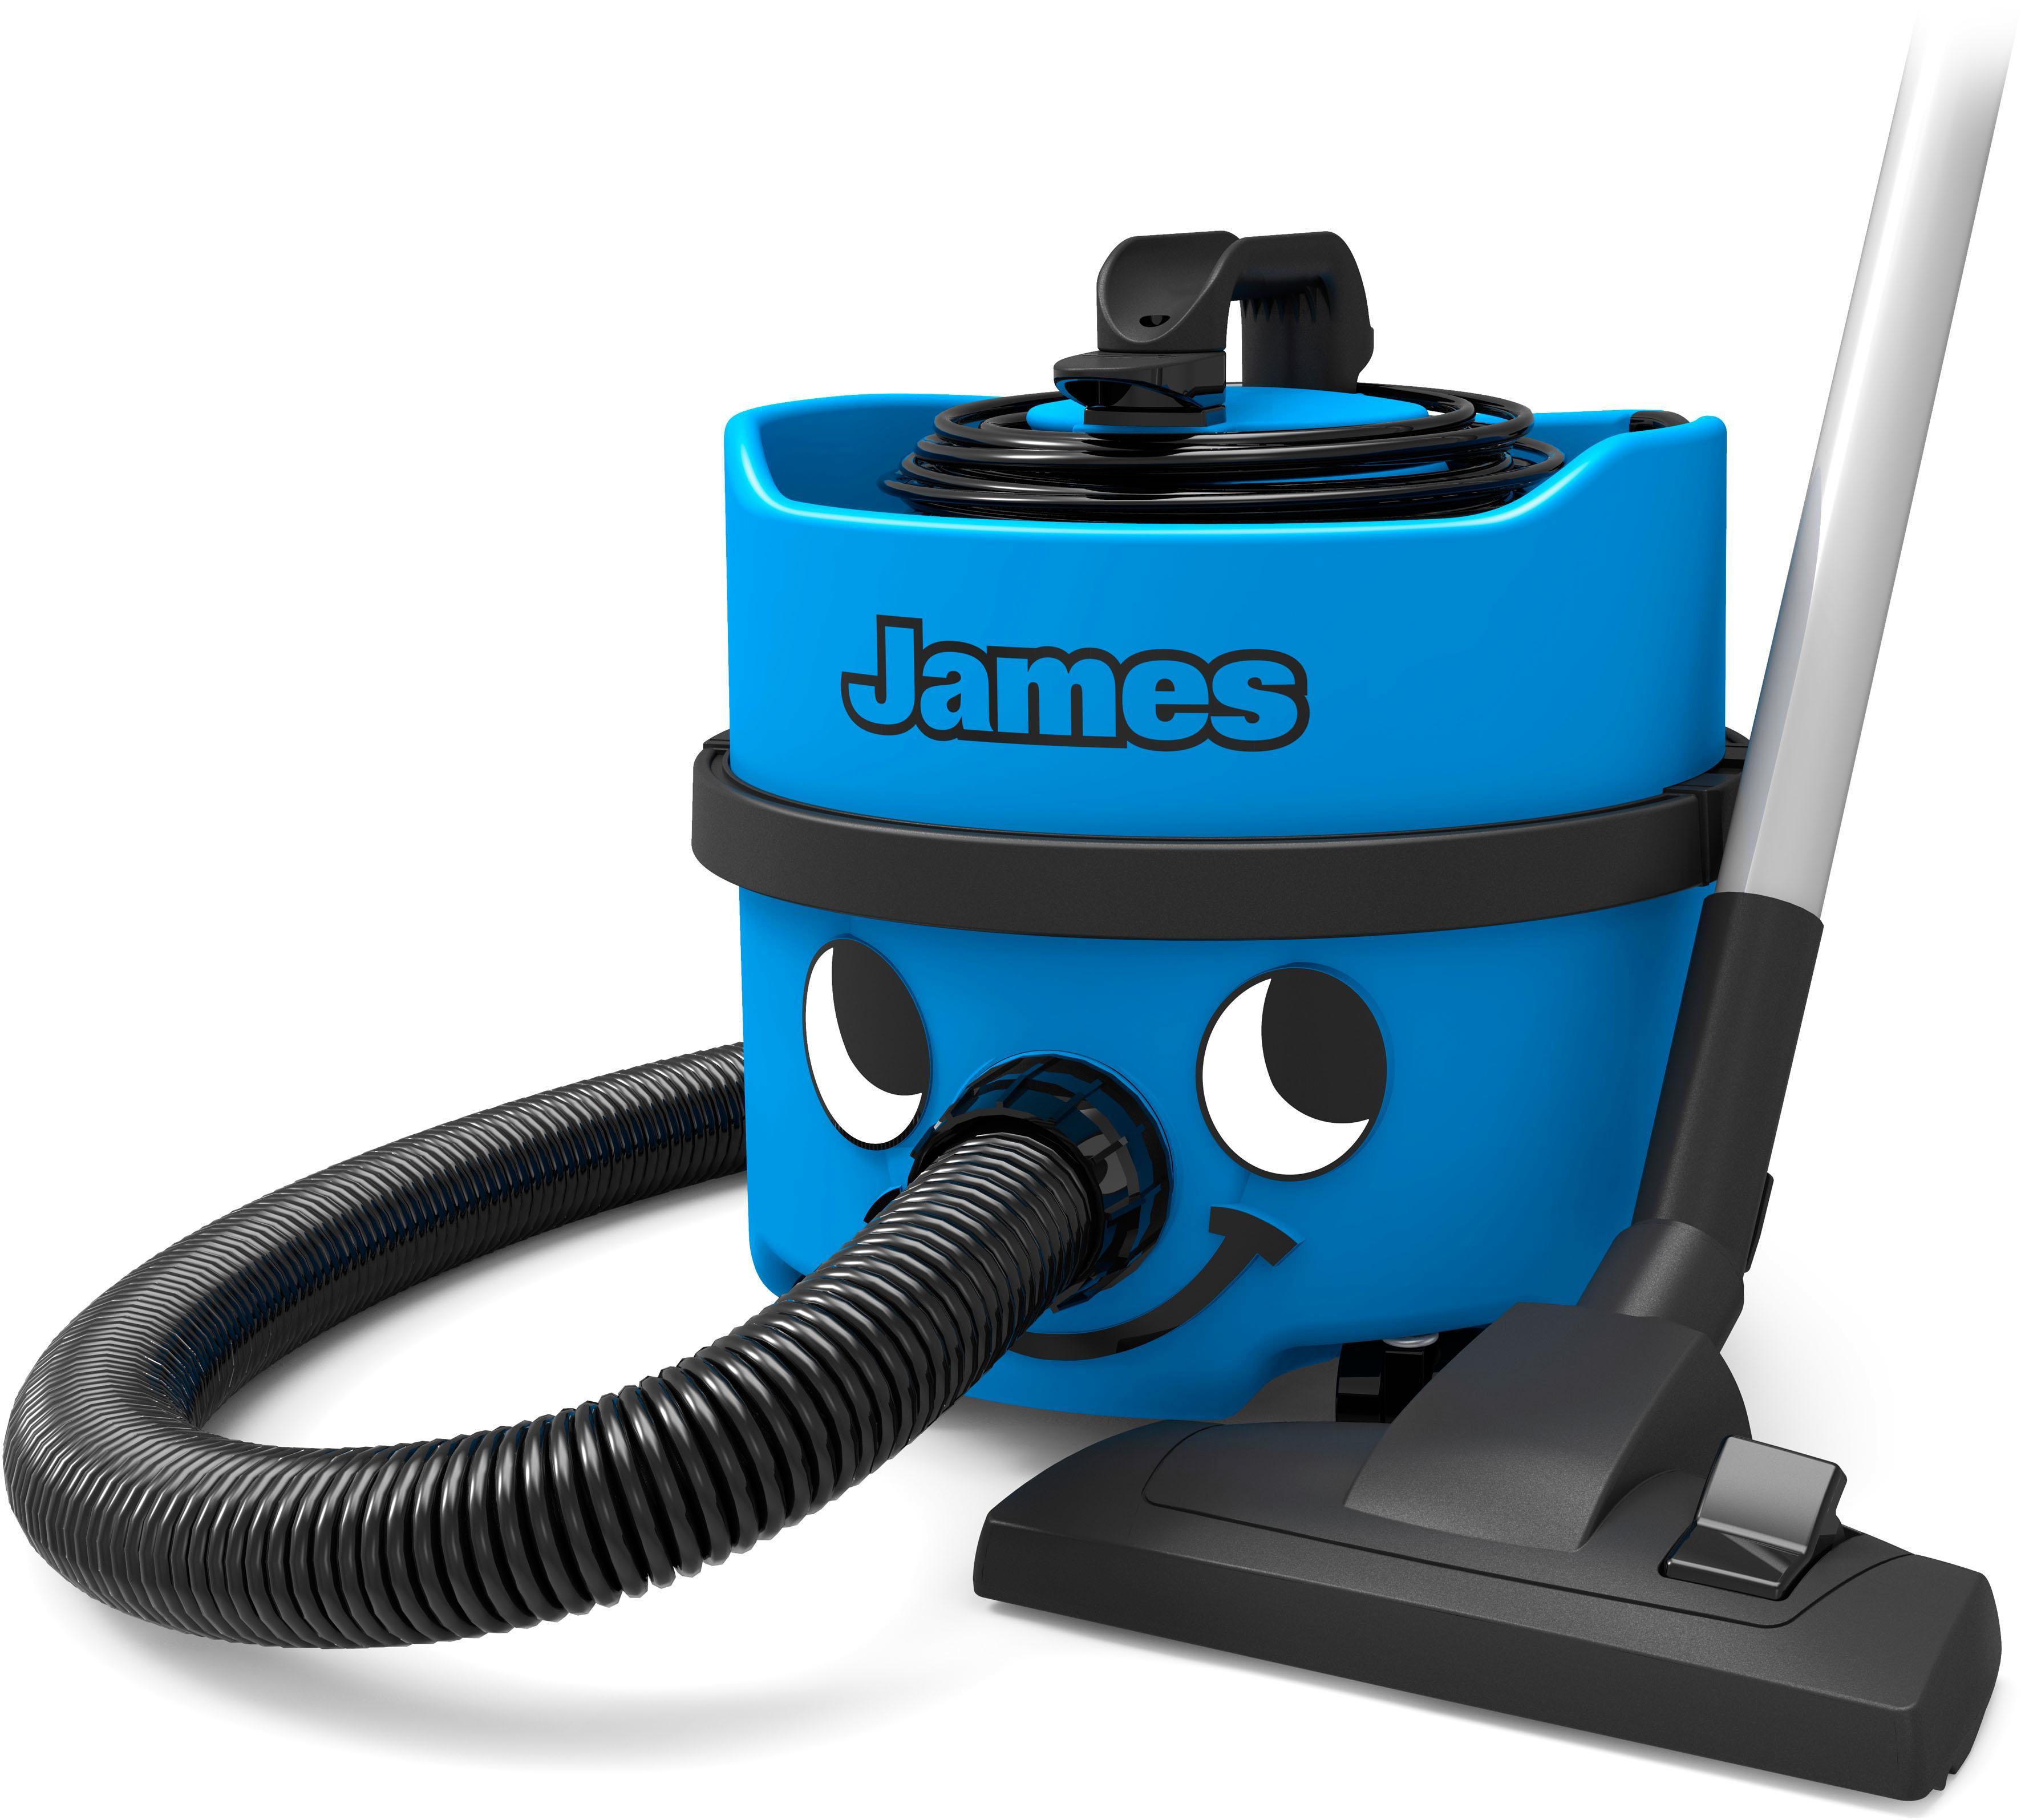 Numatic Bodenstaubsauger James JVP180-11, 620 Watt, mit Beutel | Flur & Diele > Haushaltsgeräte > Staubsauger | Numatic